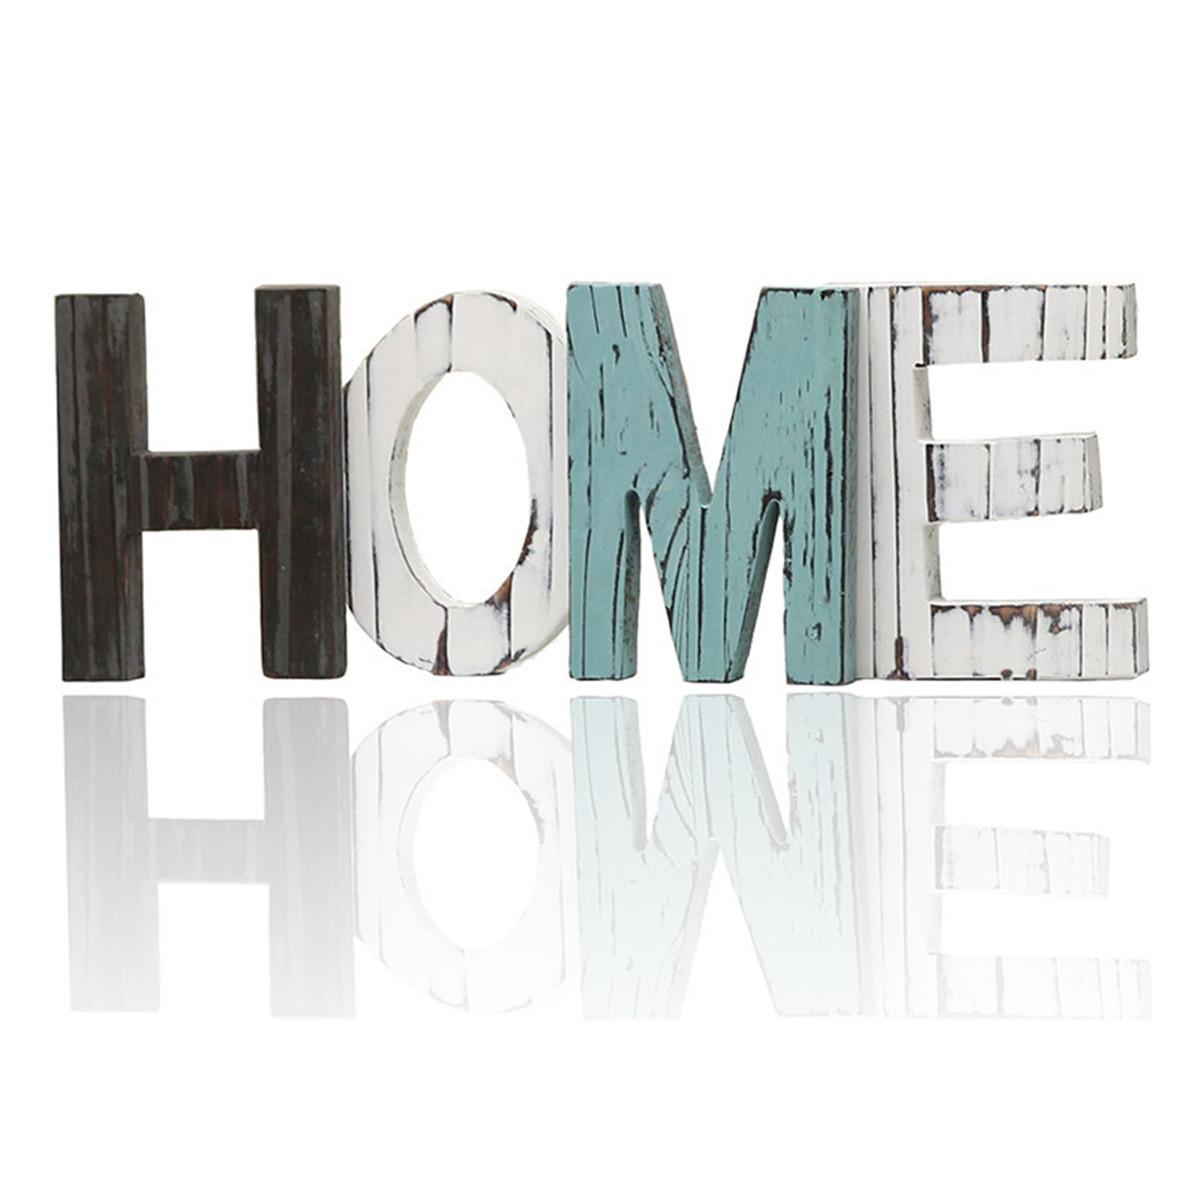 РетроВудЗнакГЛАВНАЯДекоративныйОрнамент Вырез Вуд Слова Домой Многоцветный Украшения - 1TopShop